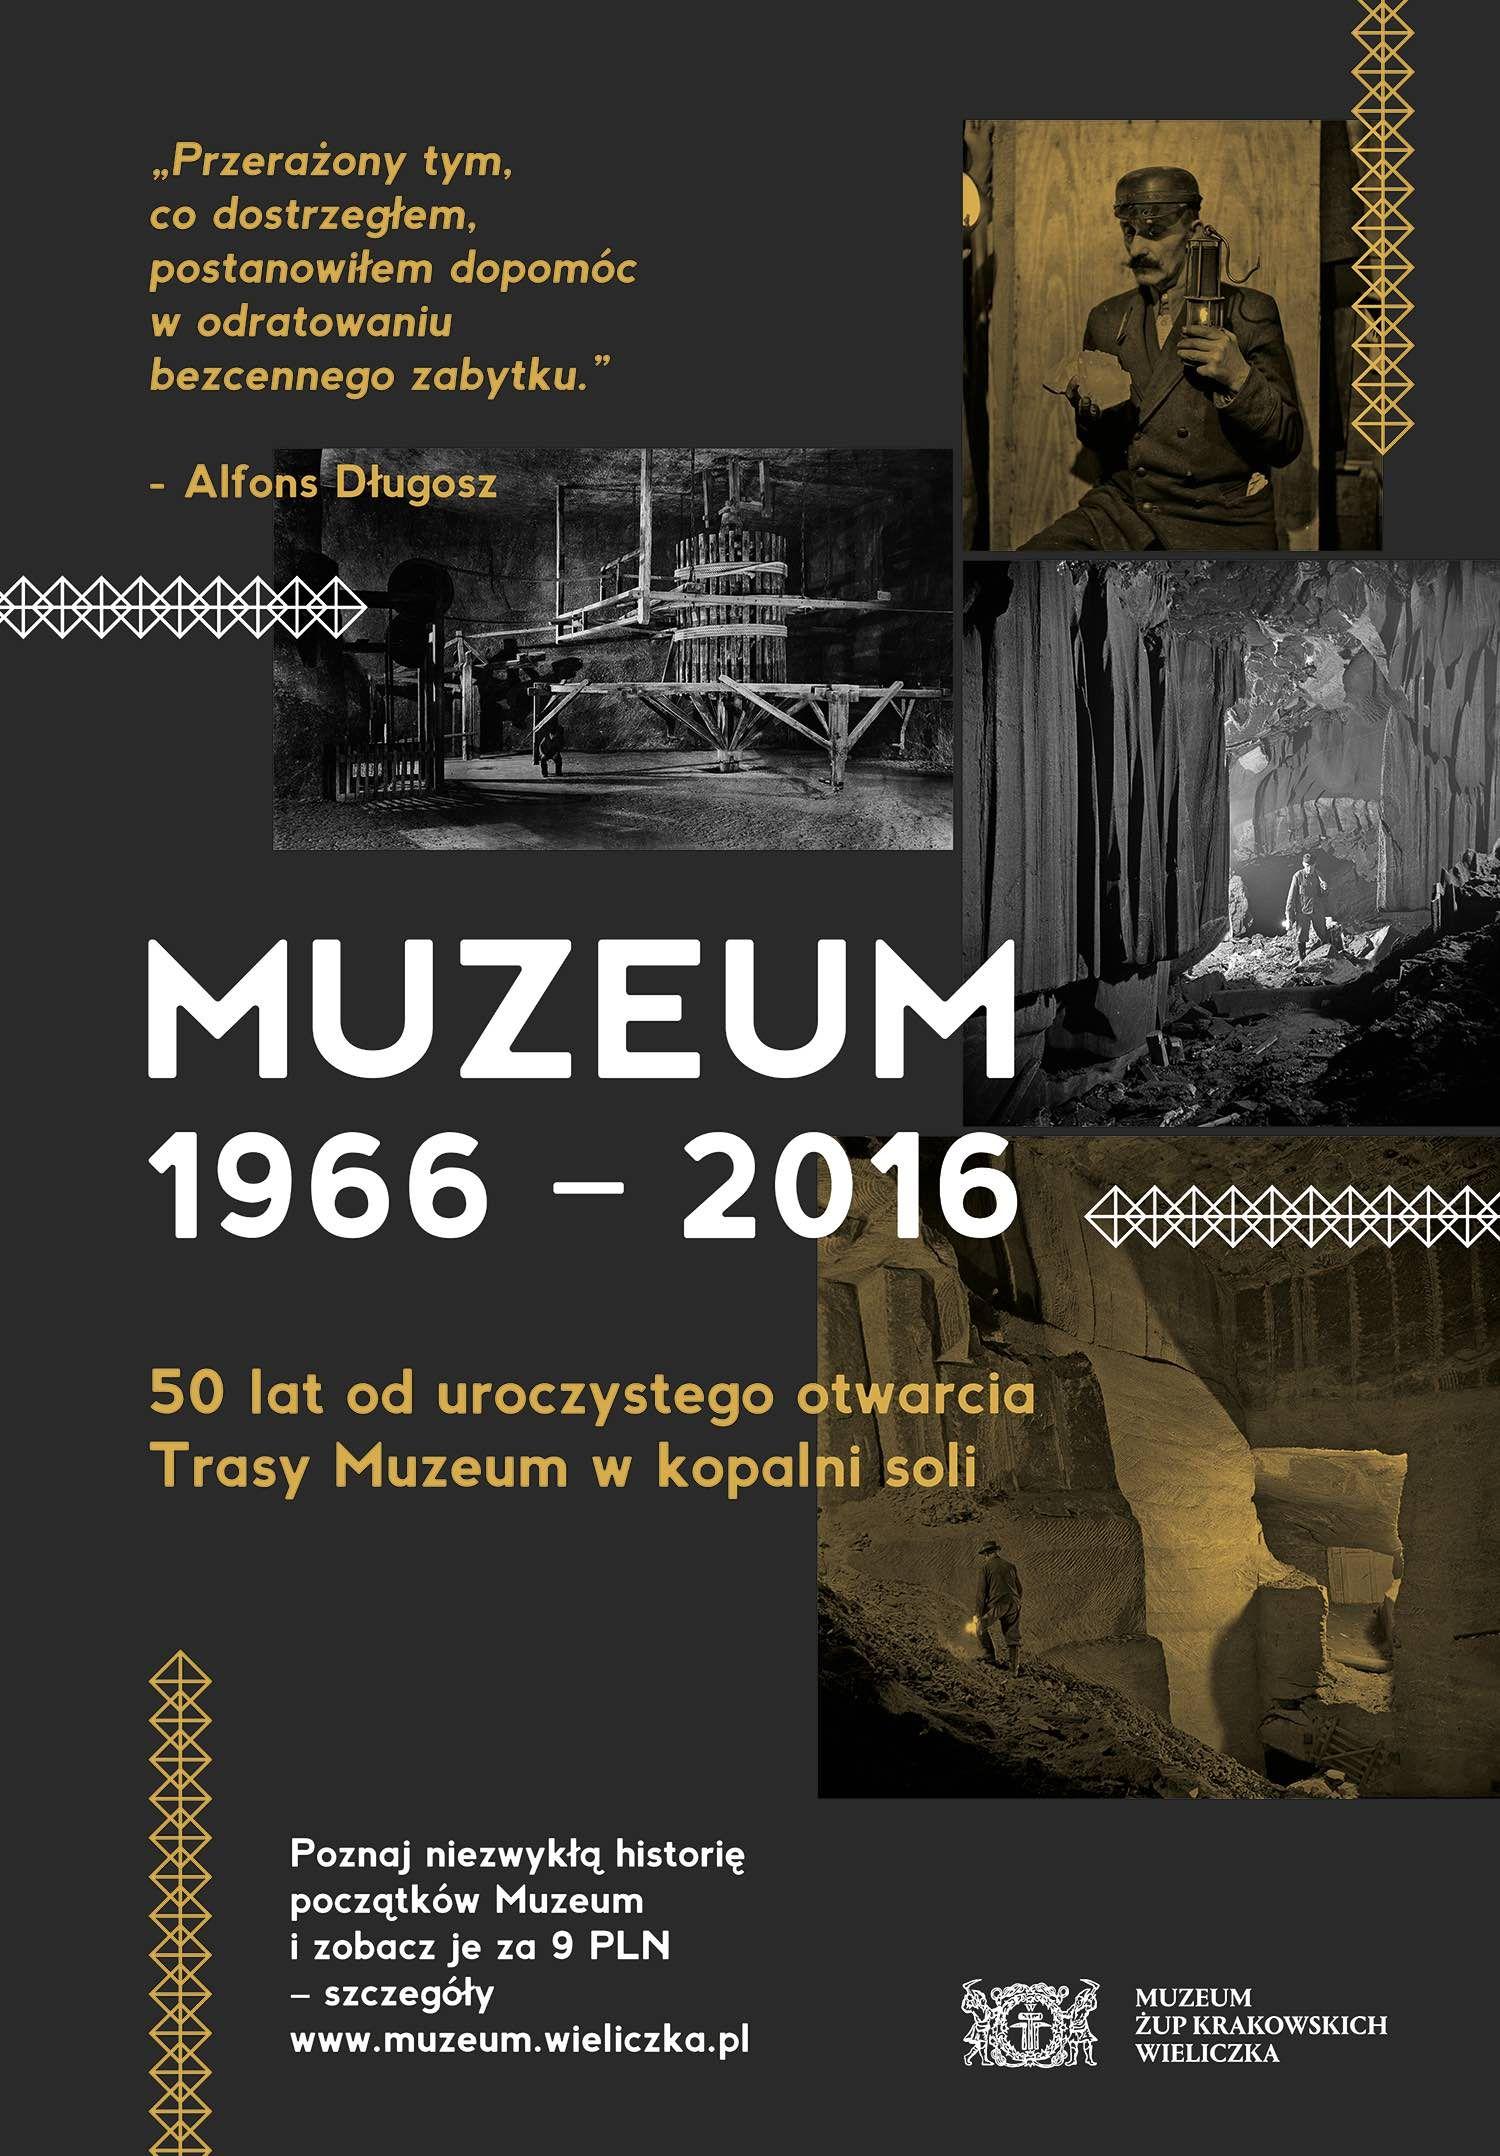 plakat-muzeum-1966-2016